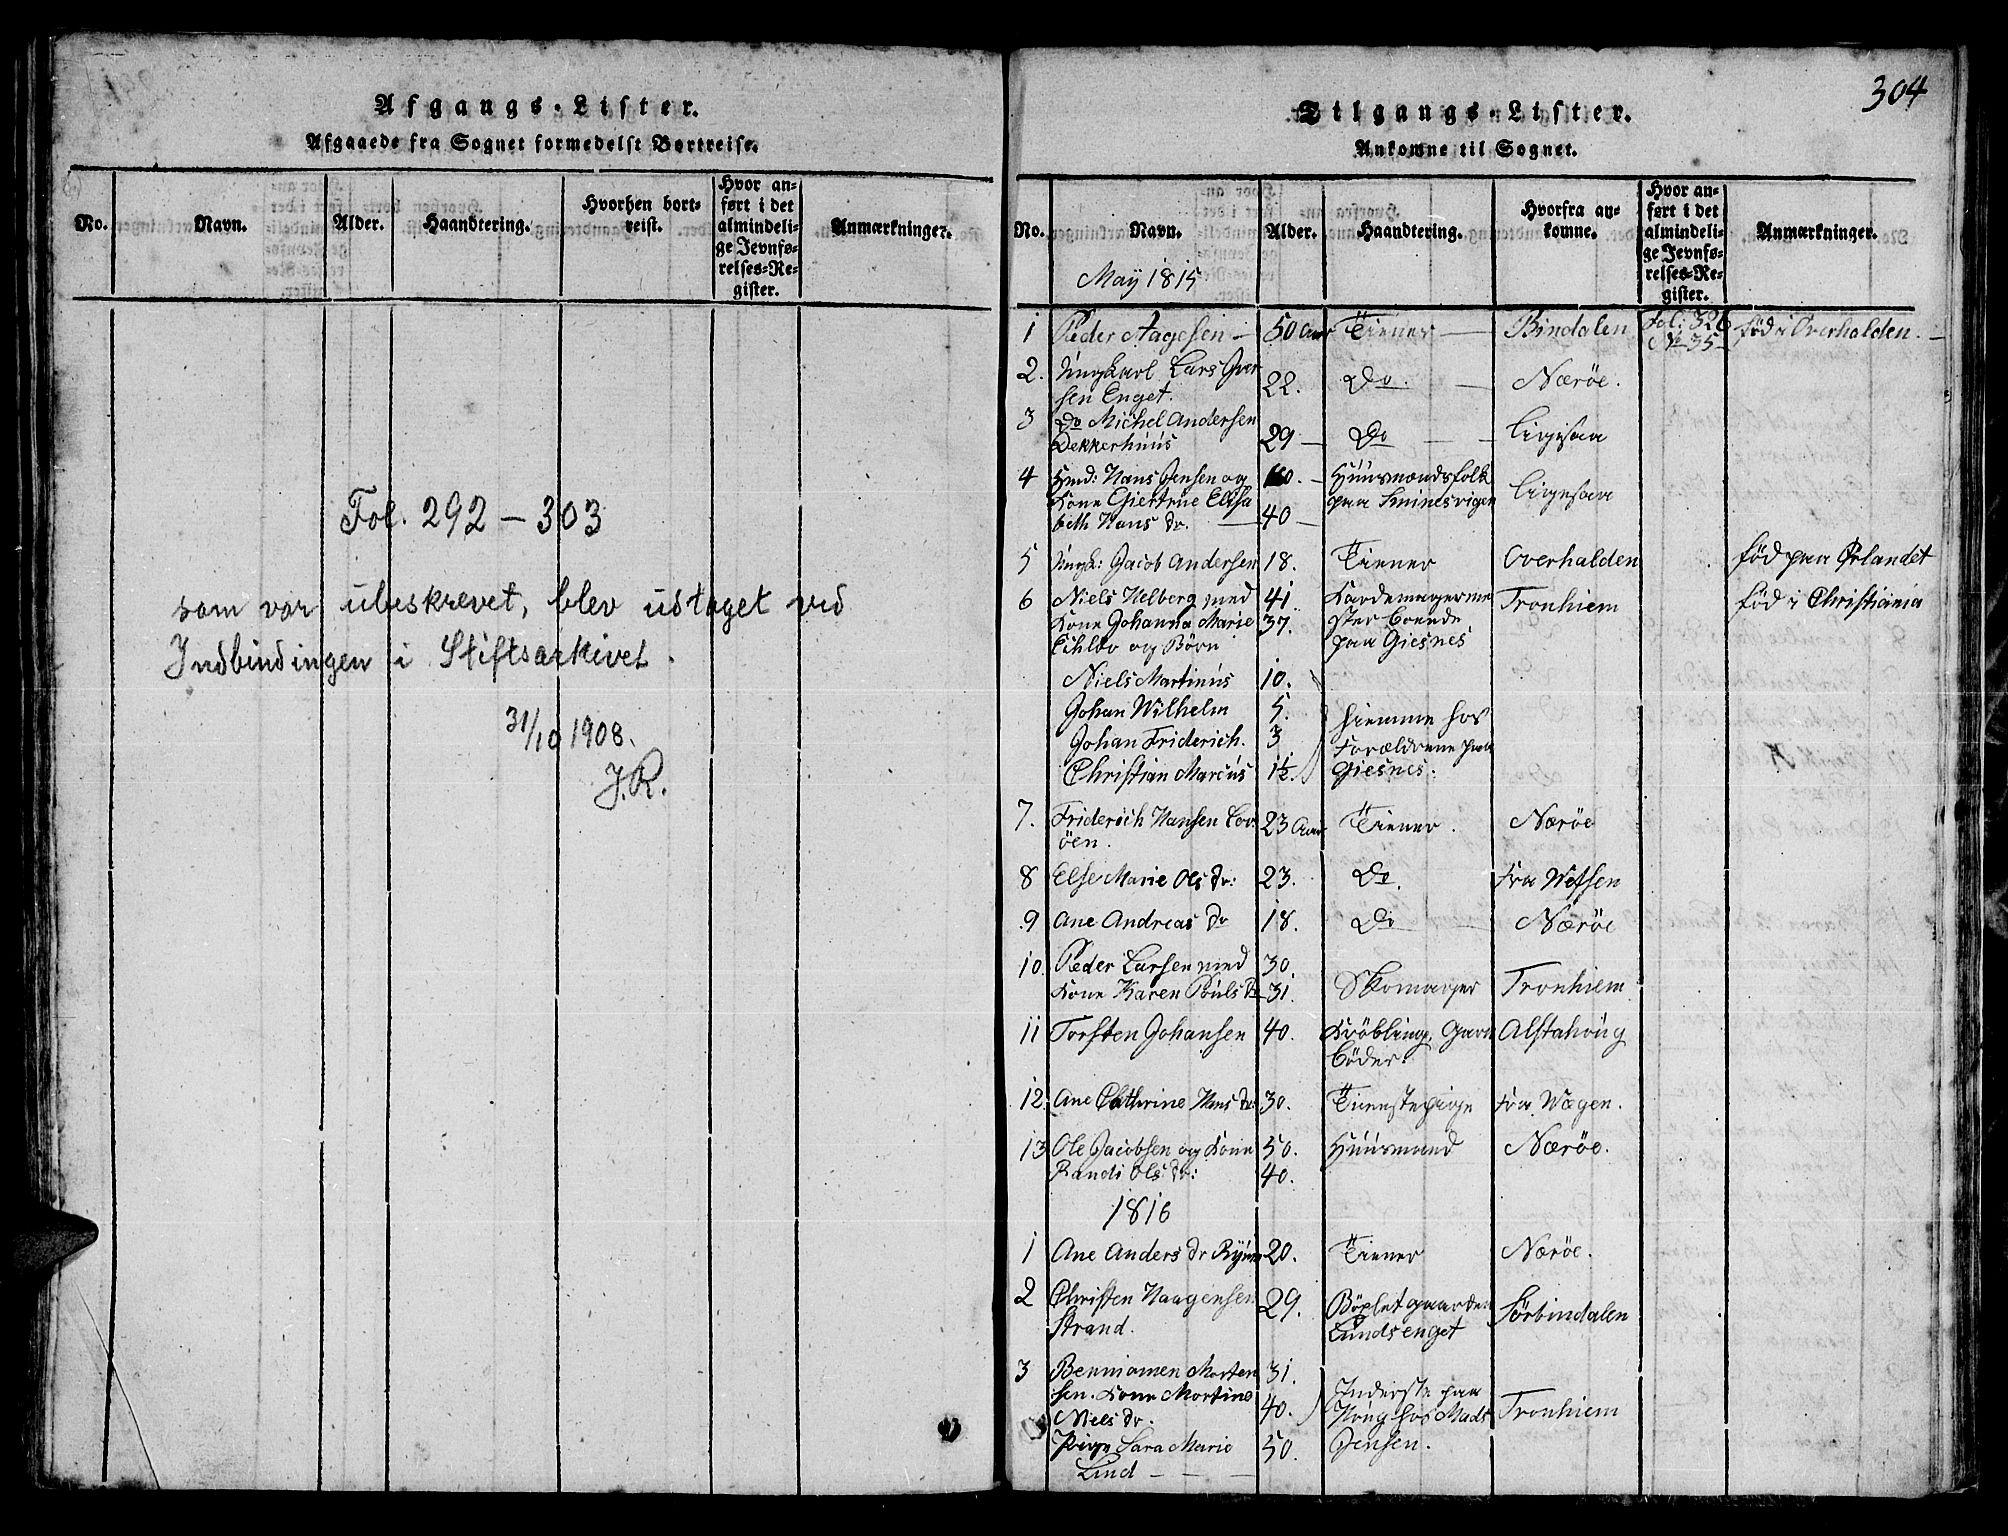 SAT, Ministerialprotokoller, klokkerbøker og fødselsregistre - Nord-Trøndelag, 780/L0648: Klokkerbok nr. 780C01 /1, 1815-1870, s. 304